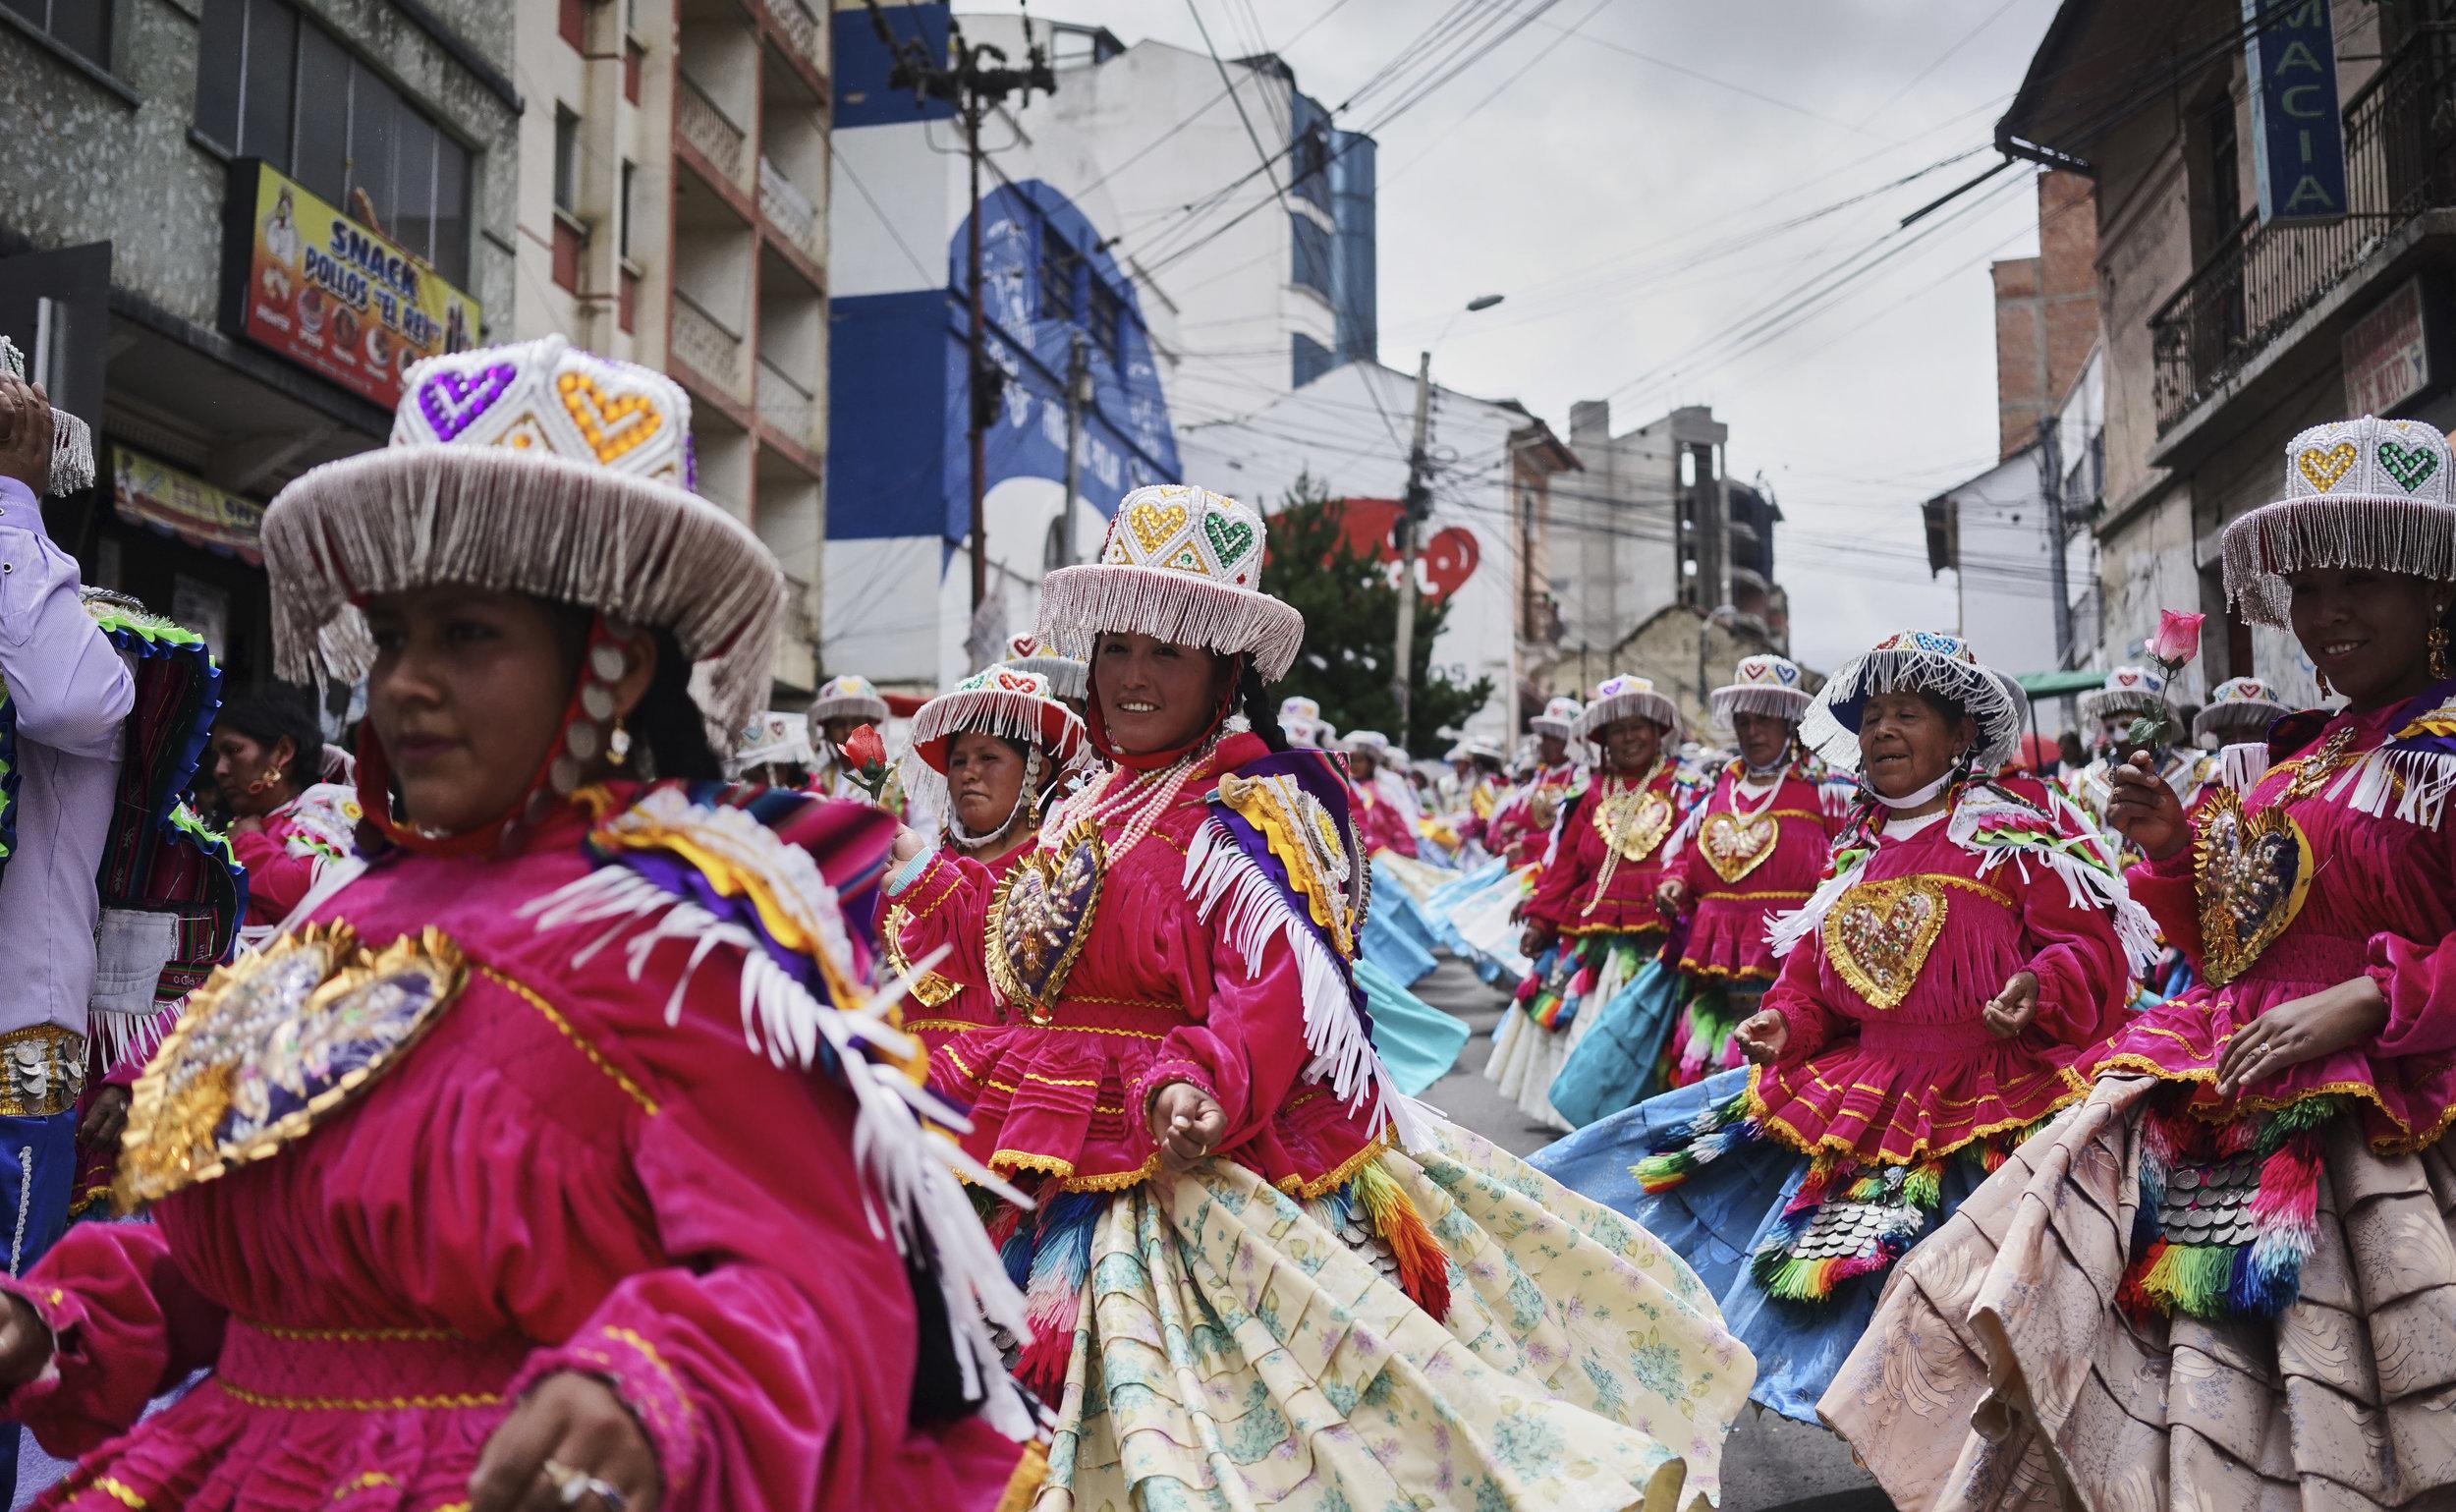 Bolivia dancer1.jpg